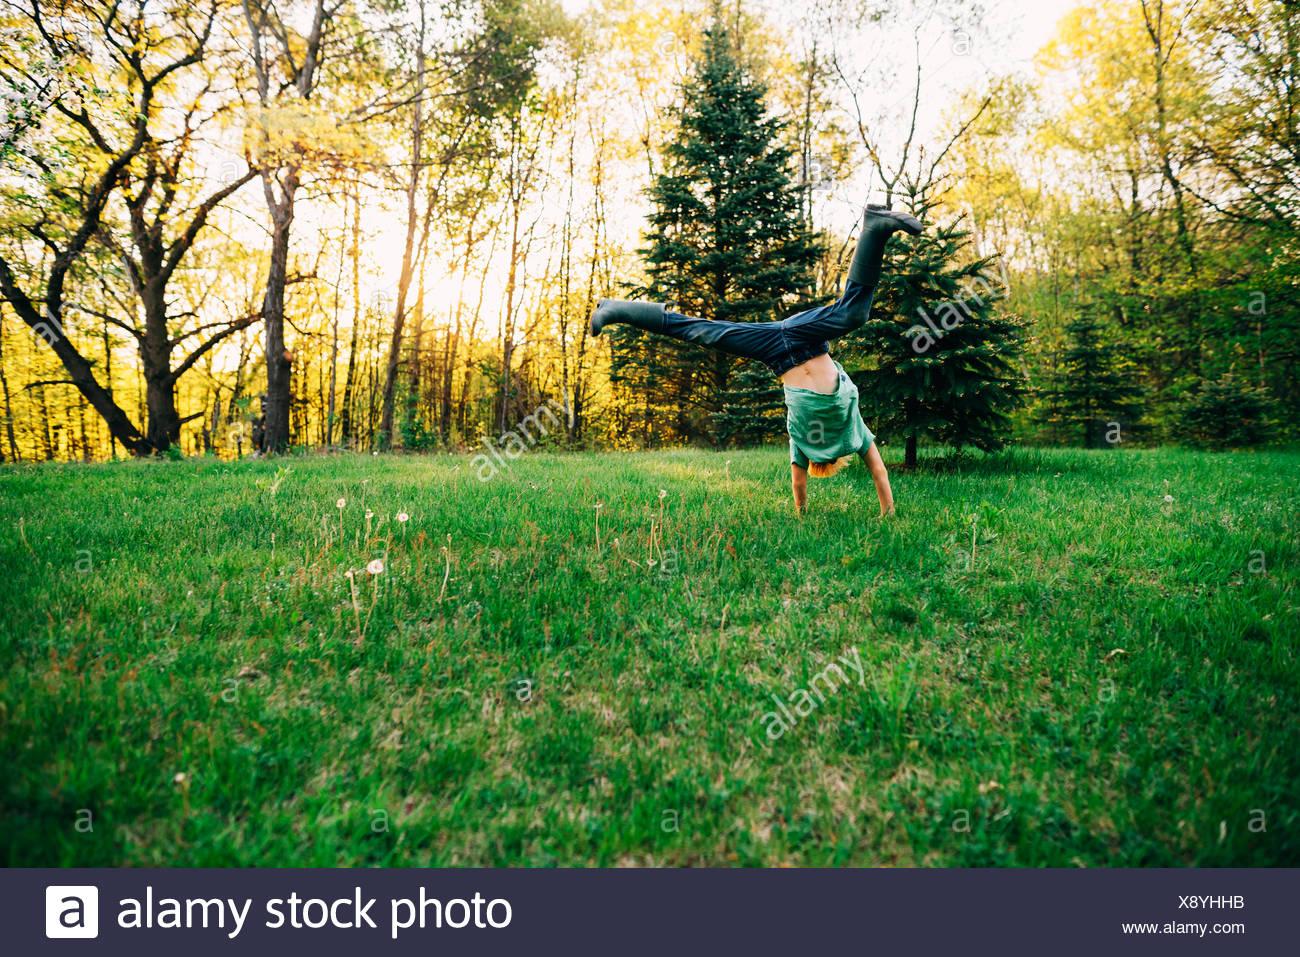 Boy doing a cartwheel in the garden - Stock Image